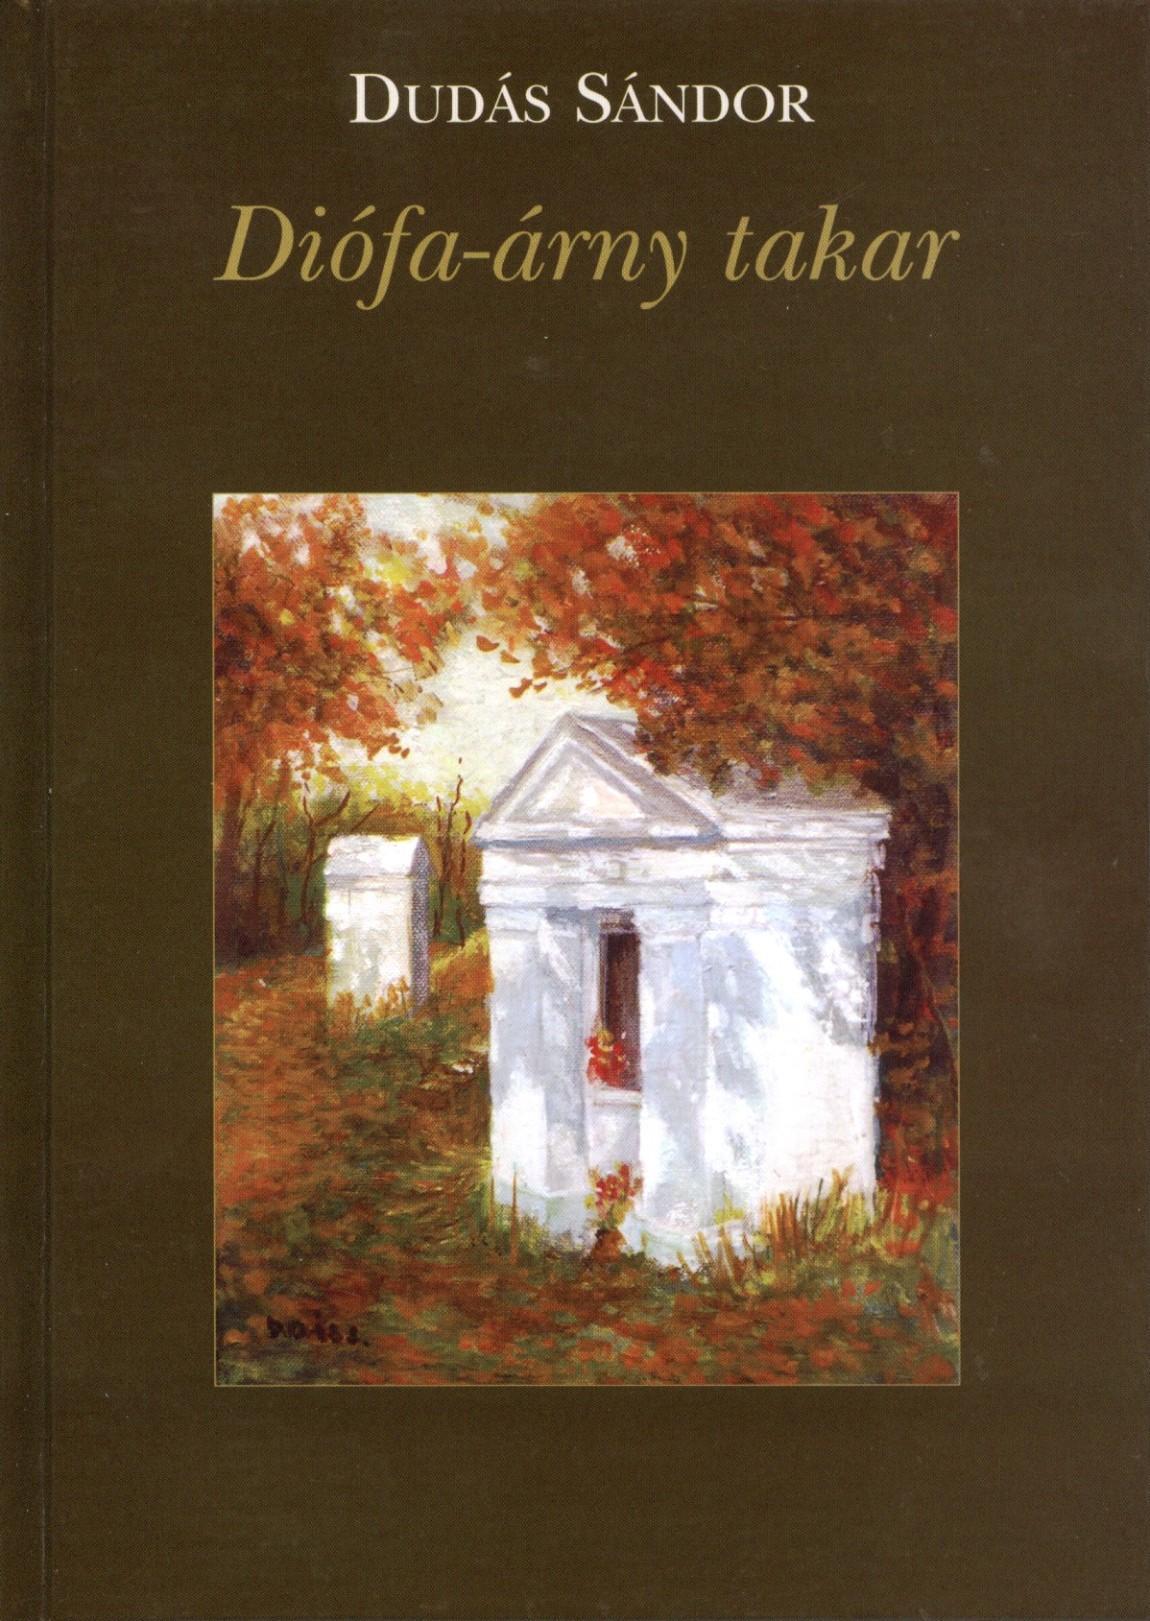 DIÓFA-ÁRNY TAKAR